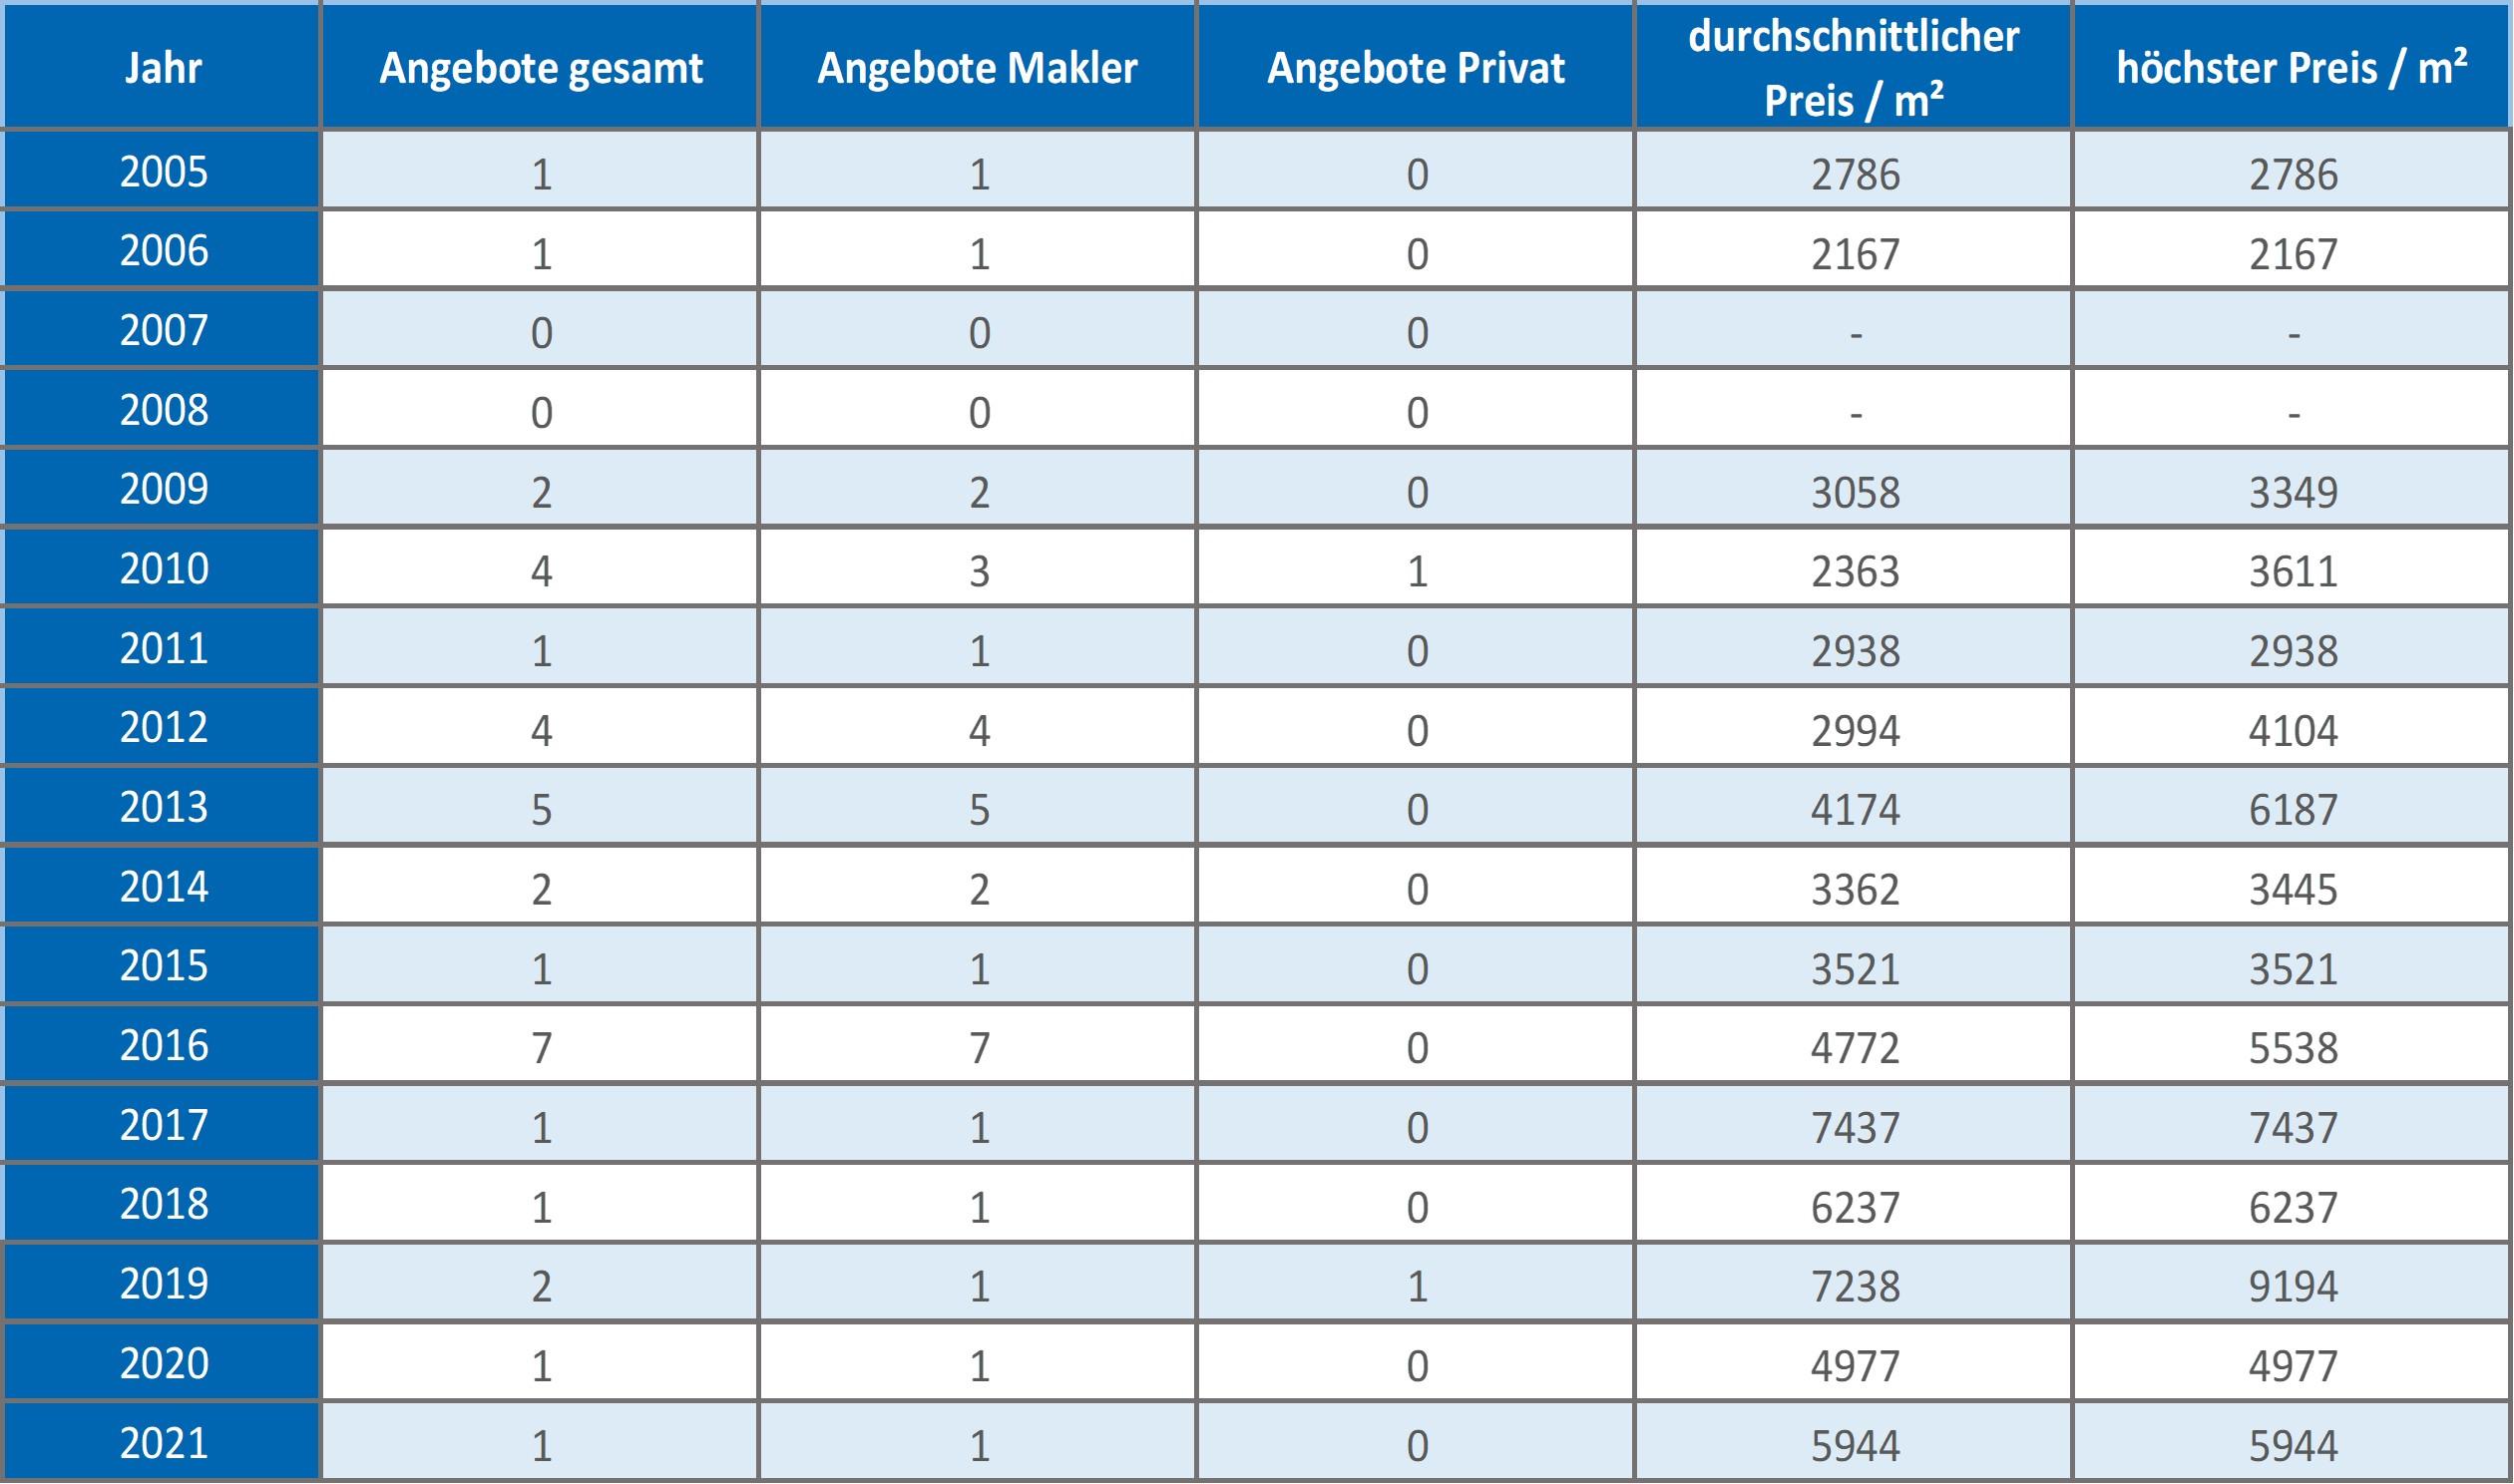 Weßling Mehrfamilienhaus kaufen verkaufen Preis Bewertung Makler www.happy-immo.de 2019 2020 2021